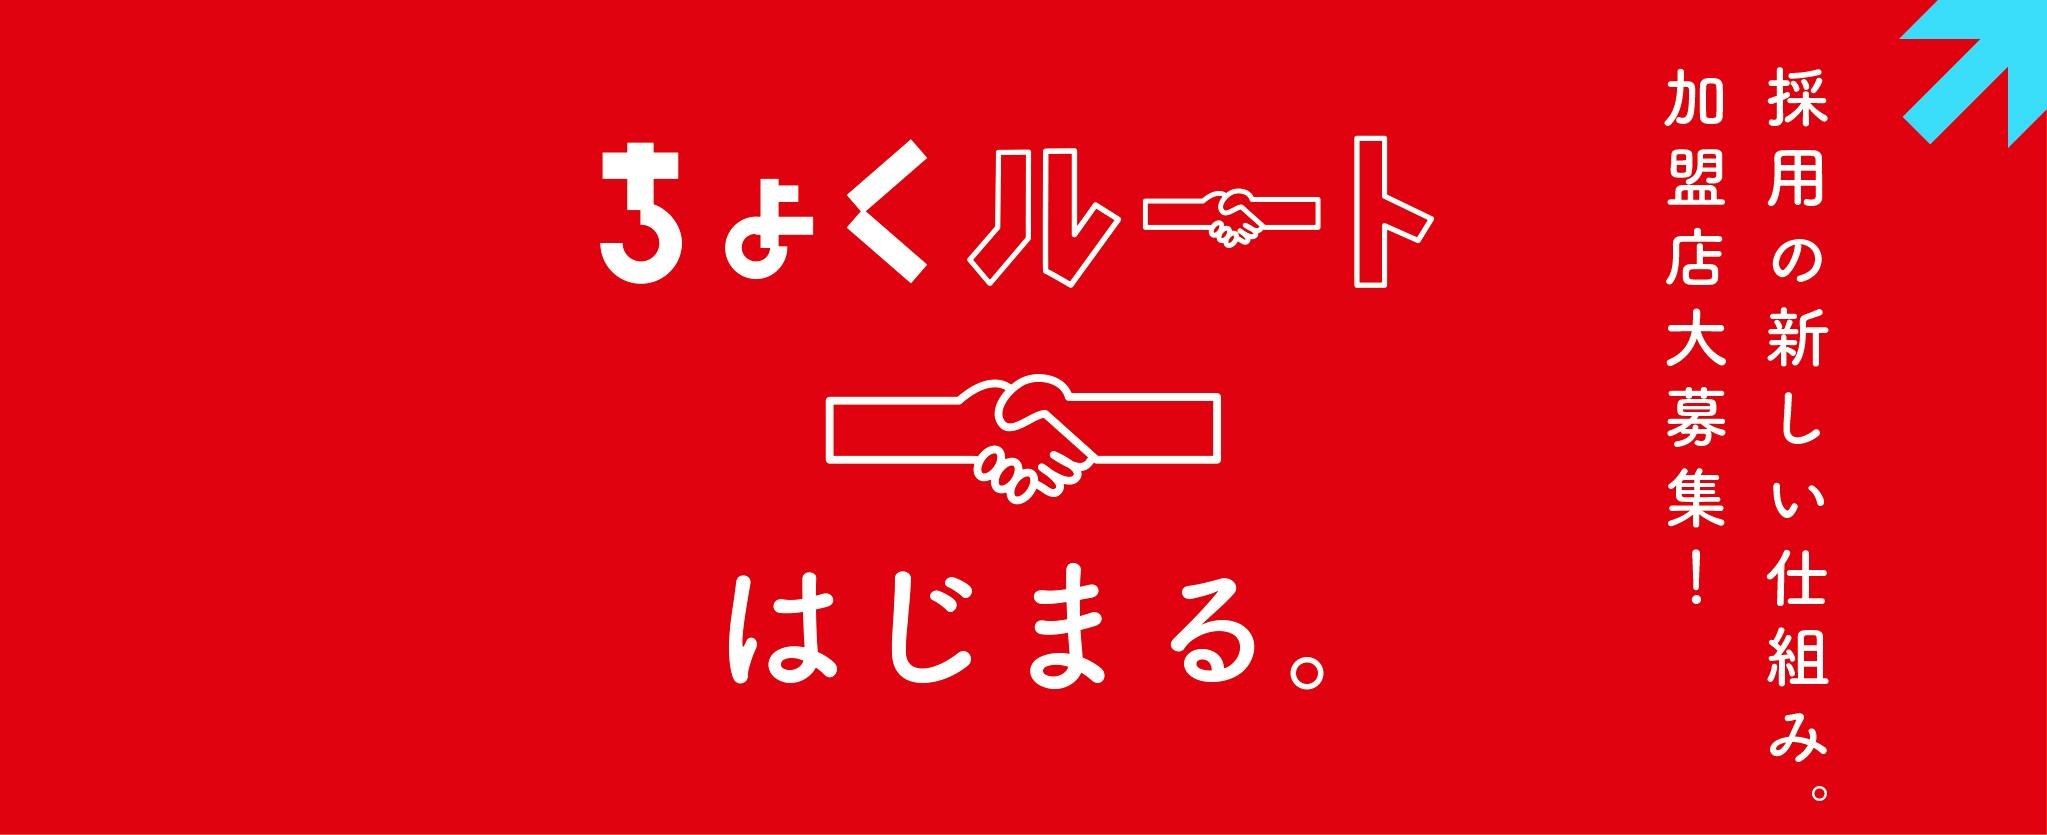 求人広告に頼らず人材採用ができる新常識 !日本の中小企業へ「ちょくルート」を全国展開